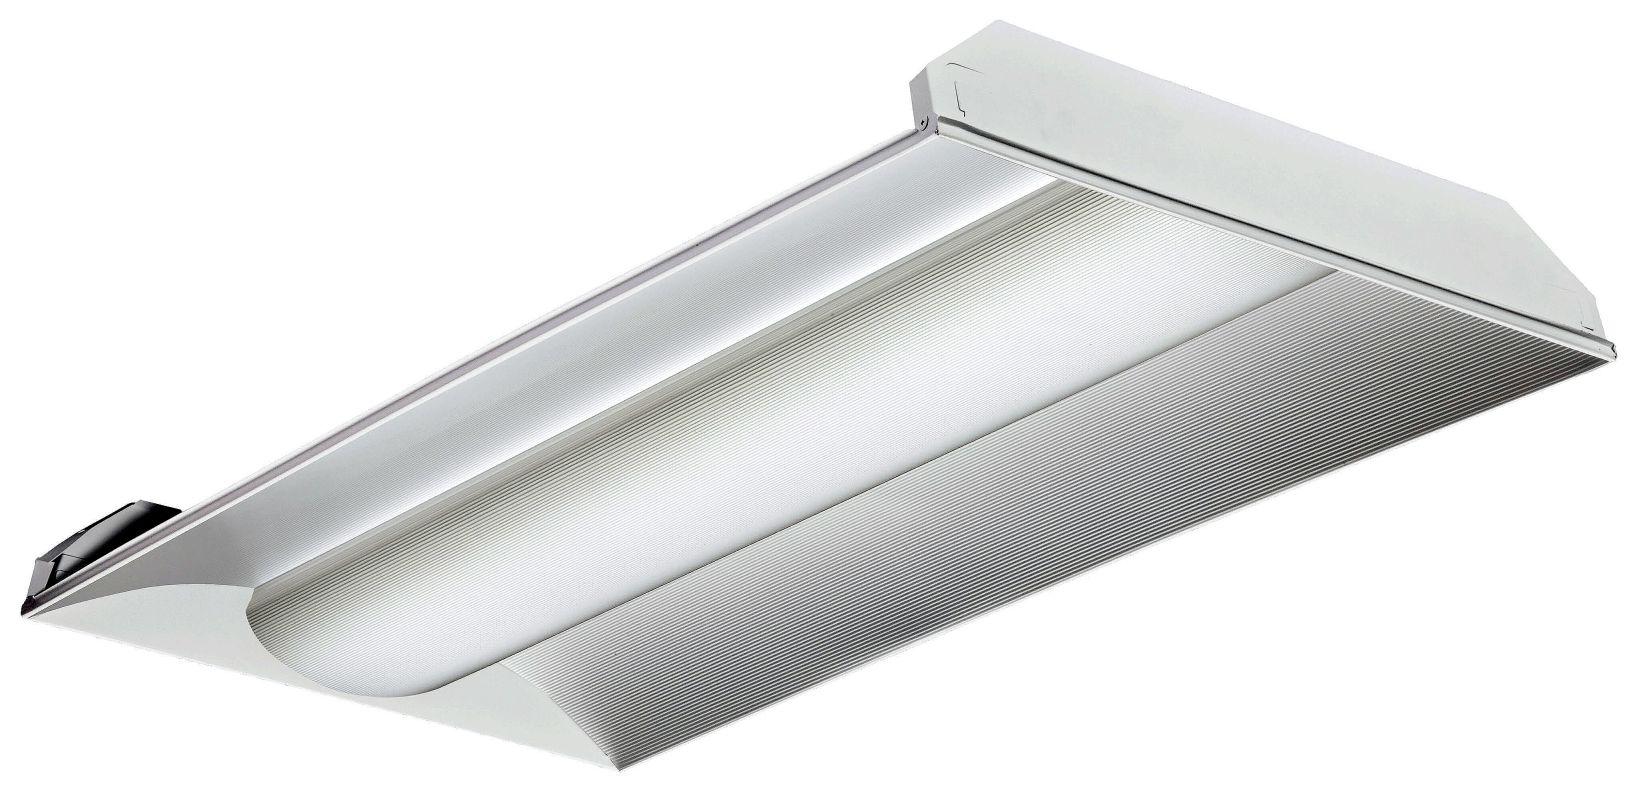 """Lithonia Lighting 2VTL4 40L ADP EZ1 LP835 1 Light 48"""" LED IC Rated"""